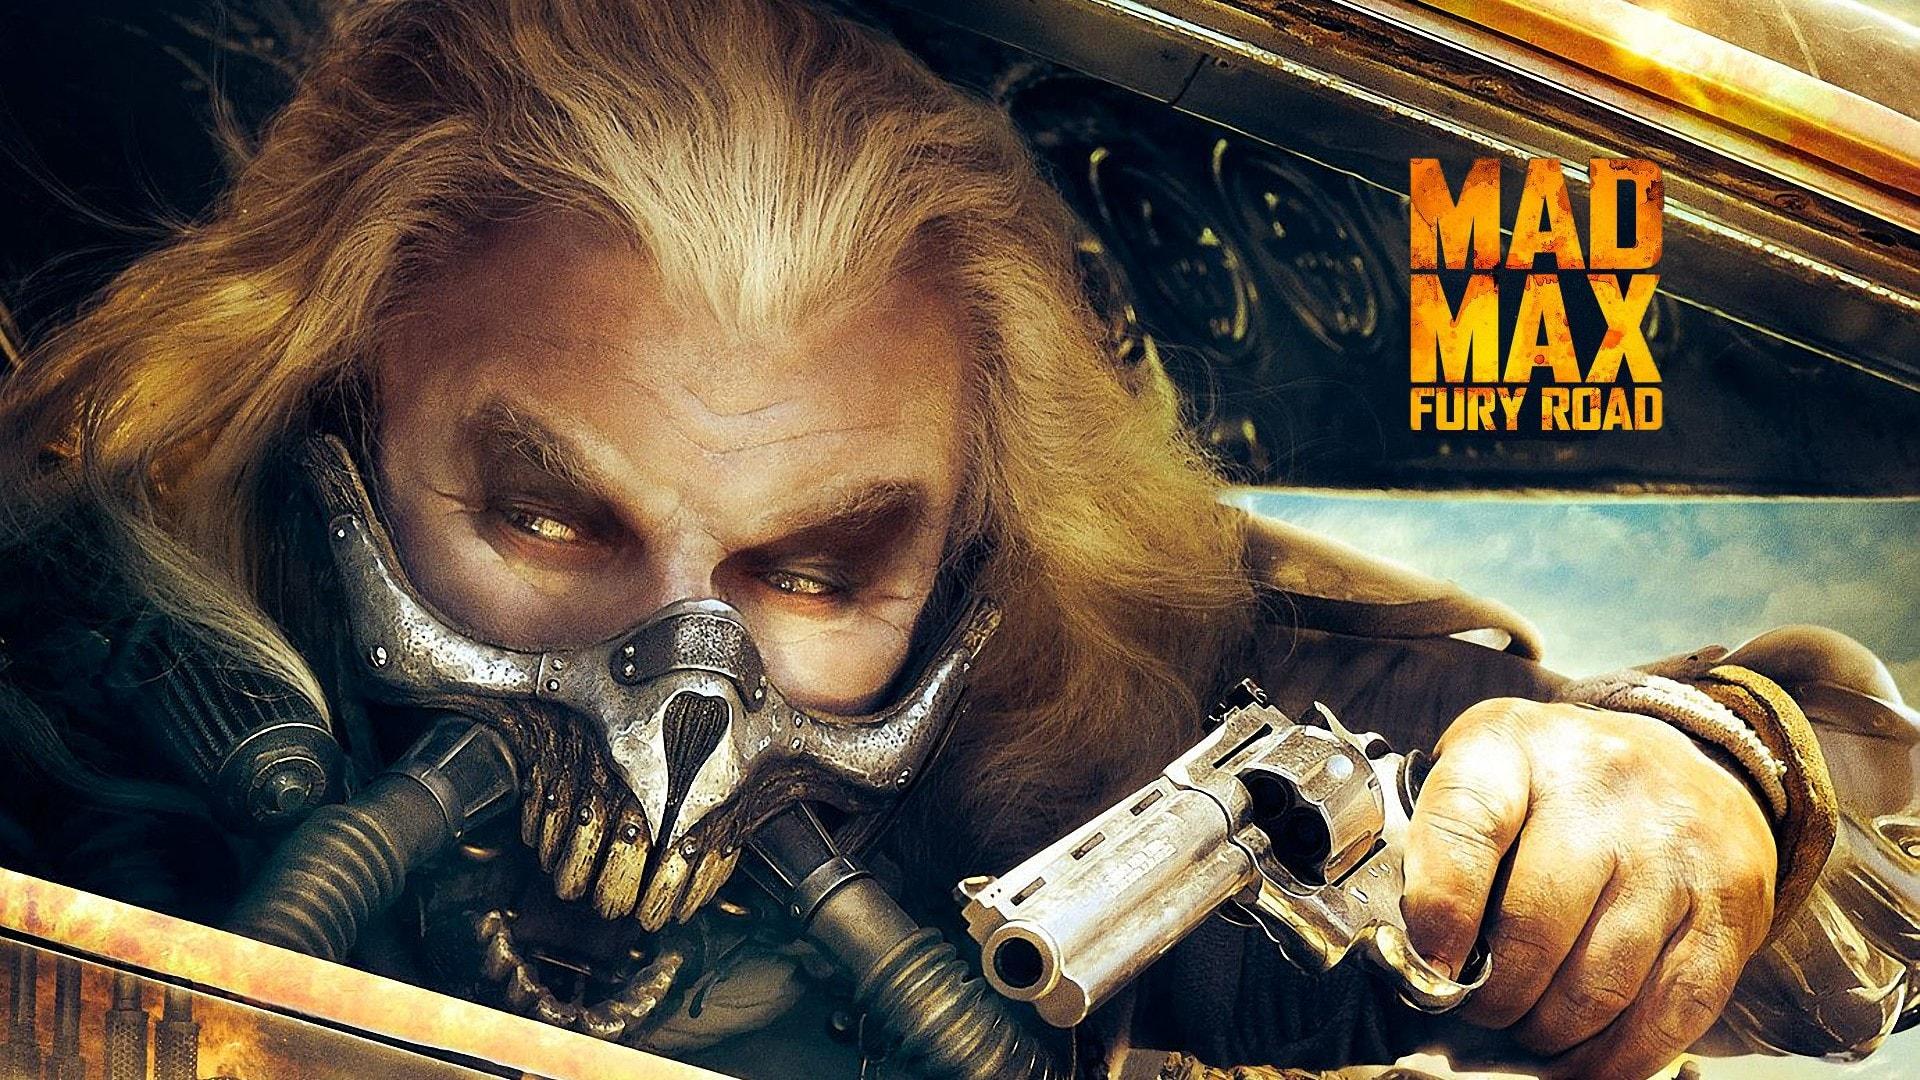 Mad Max: Fury Road desktop wallpaper